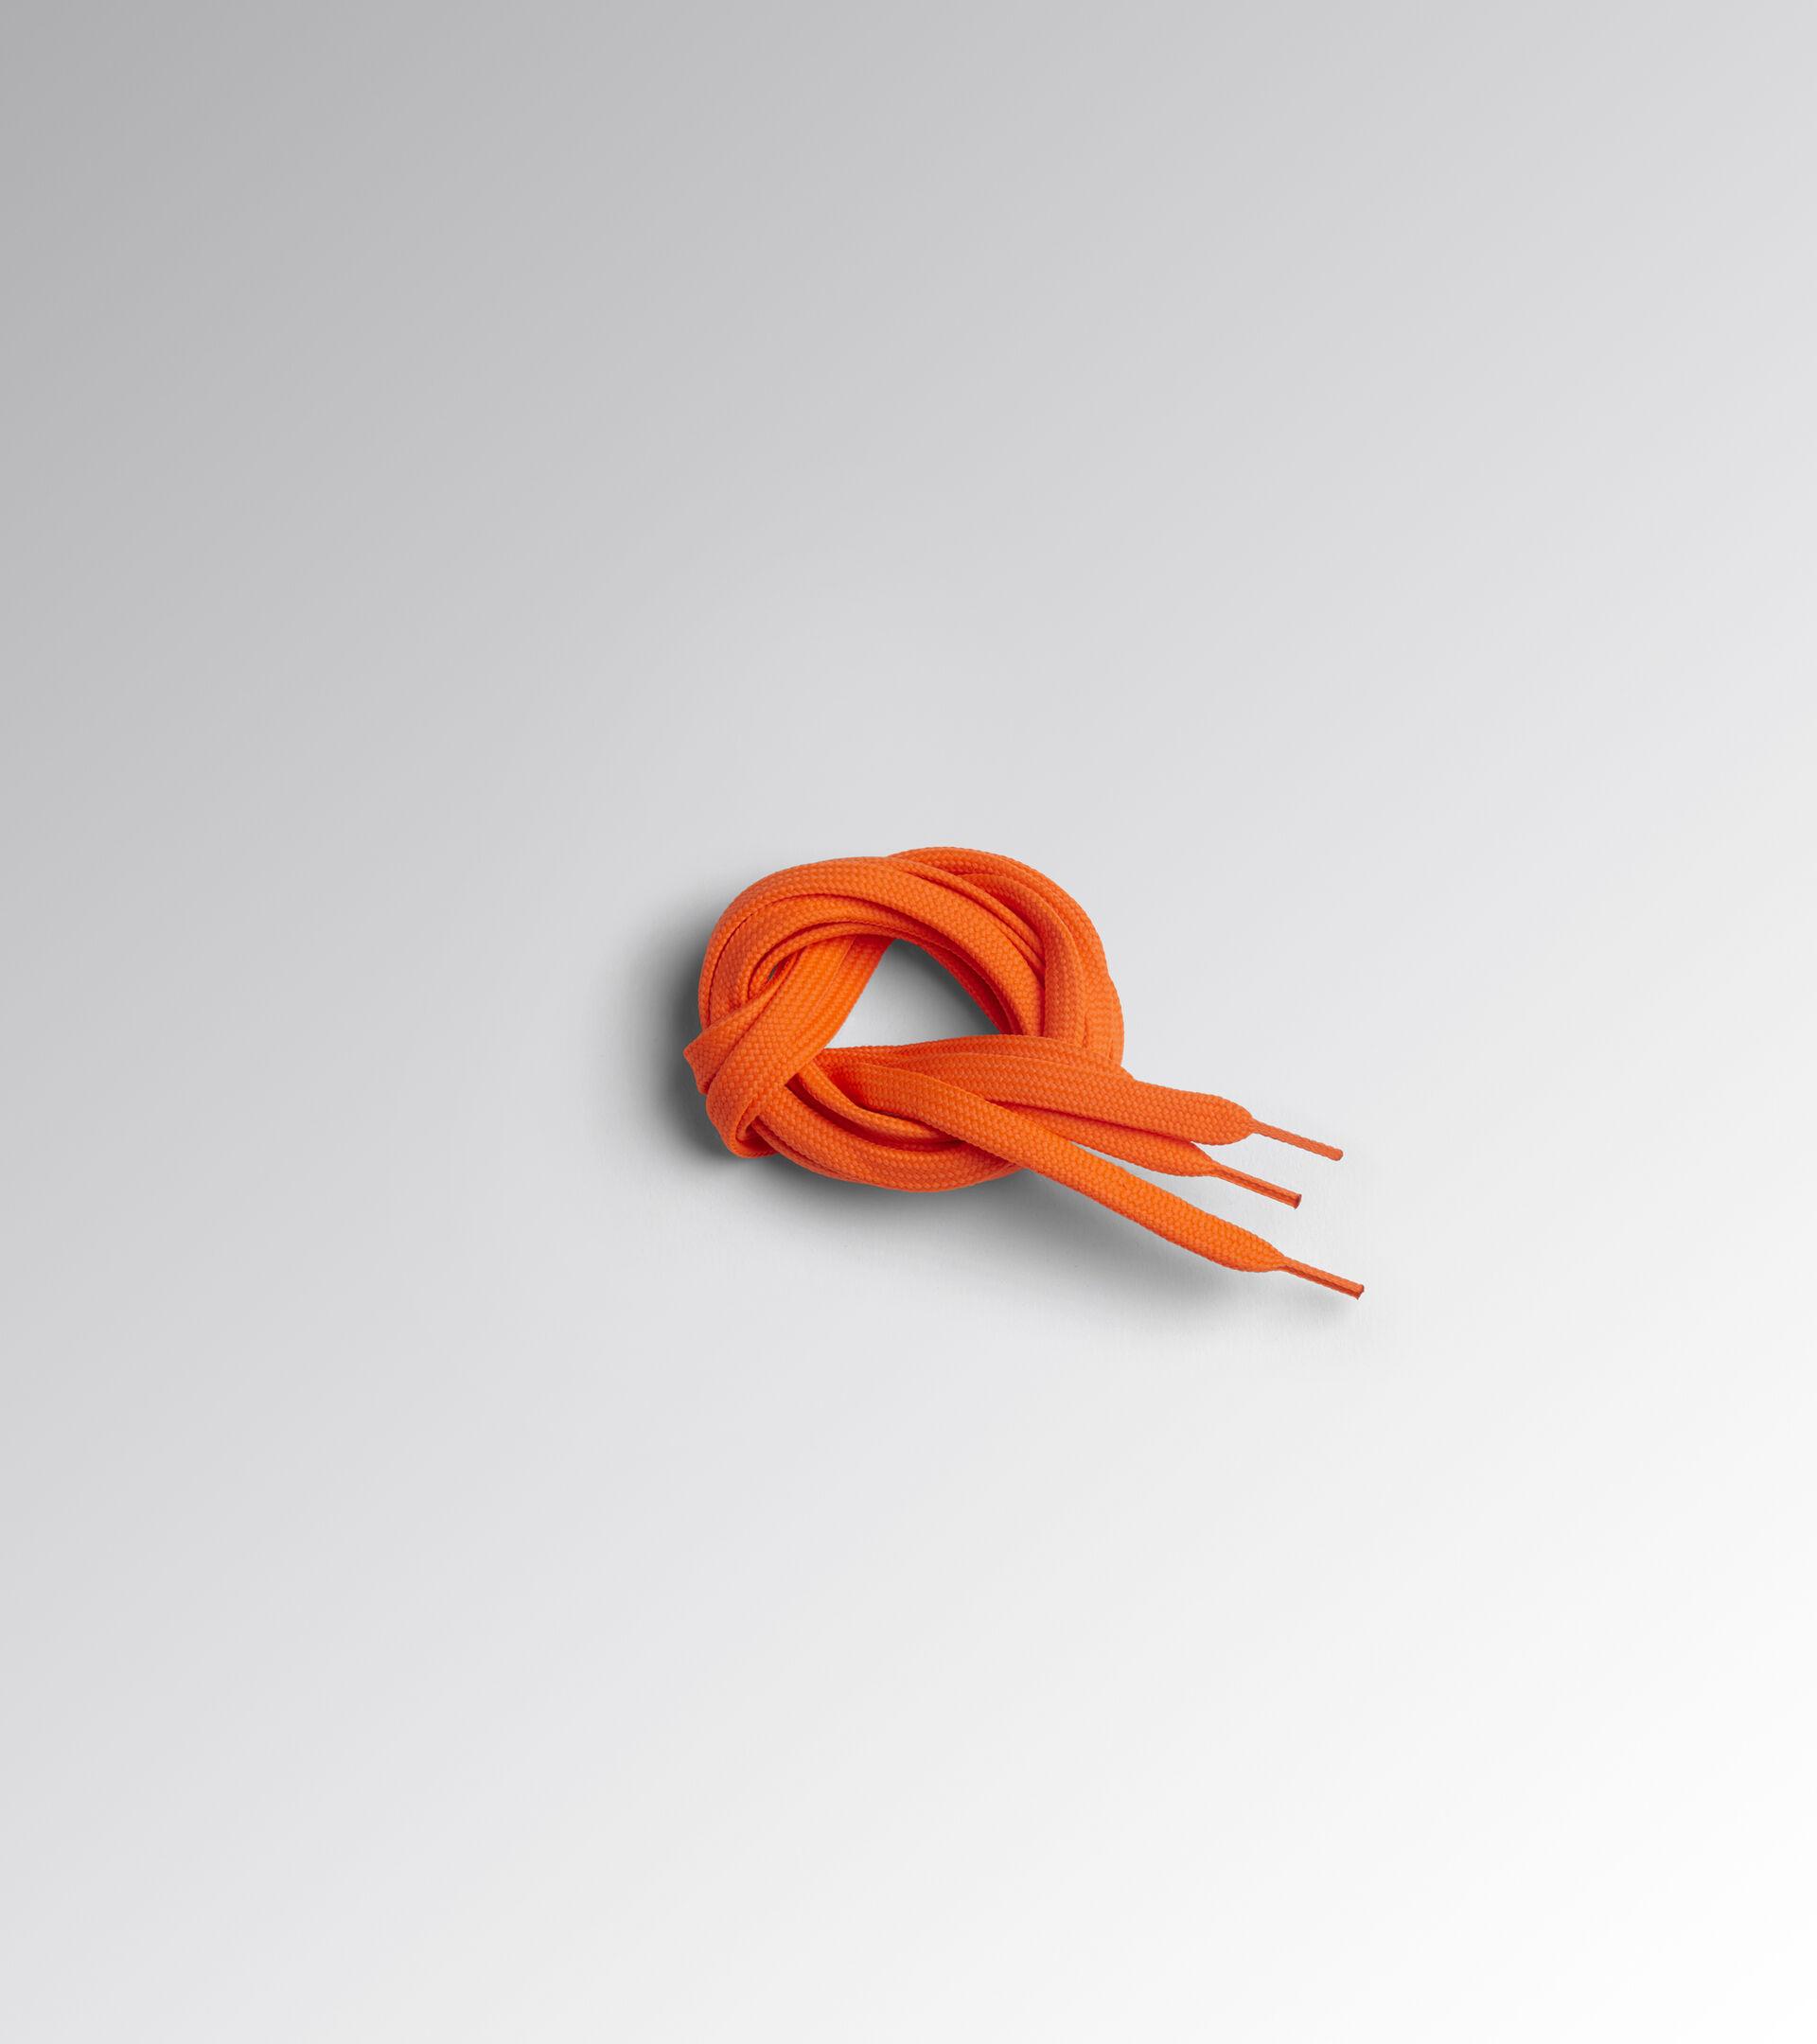 Accessories Utility UOMO LACCI PIATTO TERMO 100 ORANGE FLUO 811 C Utility